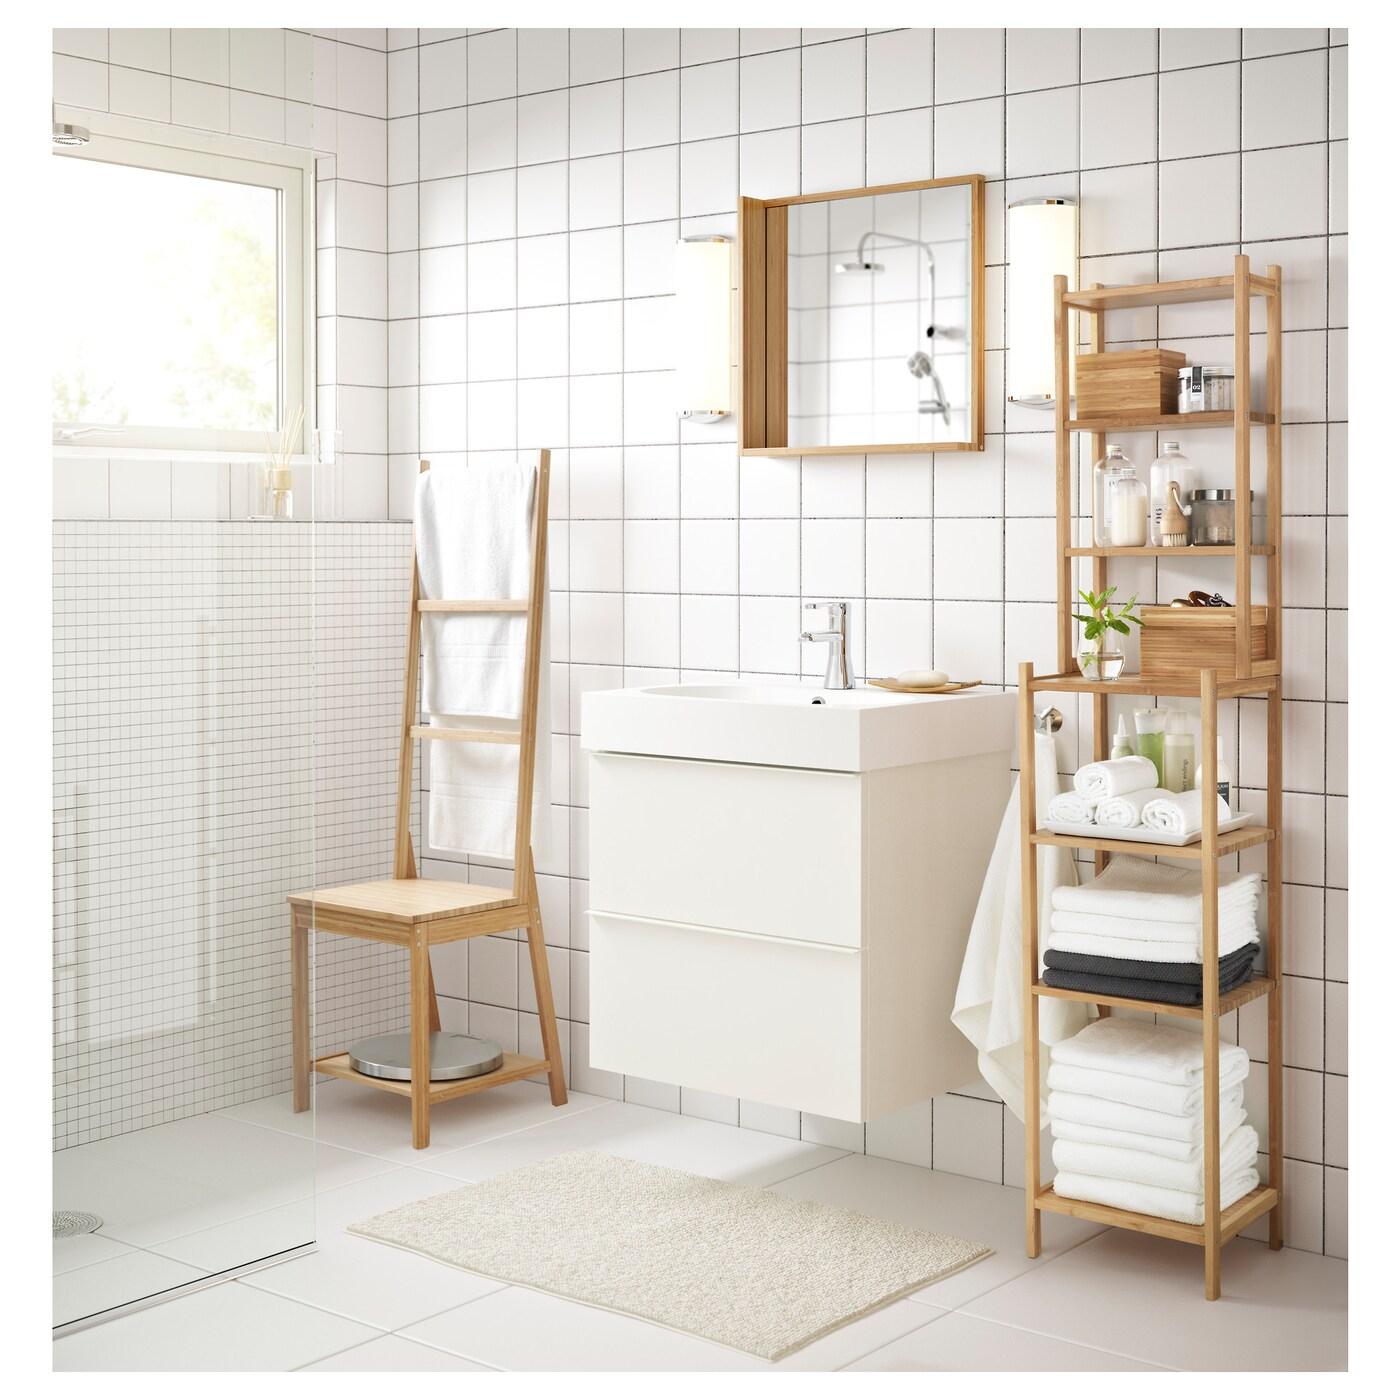 RÅGRUND Stoel met handdoekenrek Bamboe - IKEA